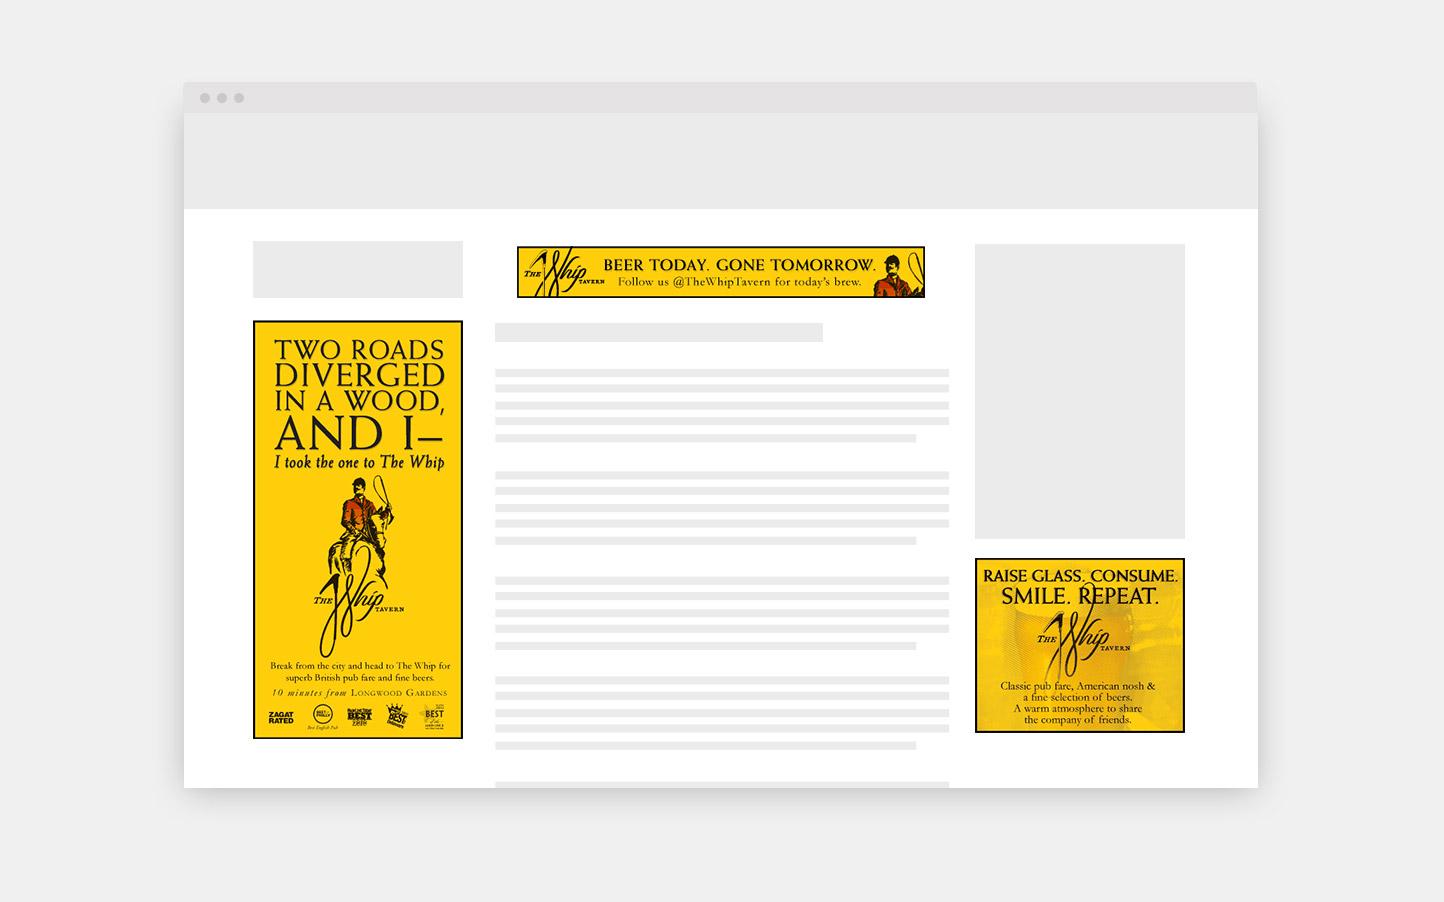 Web Ad Campaign